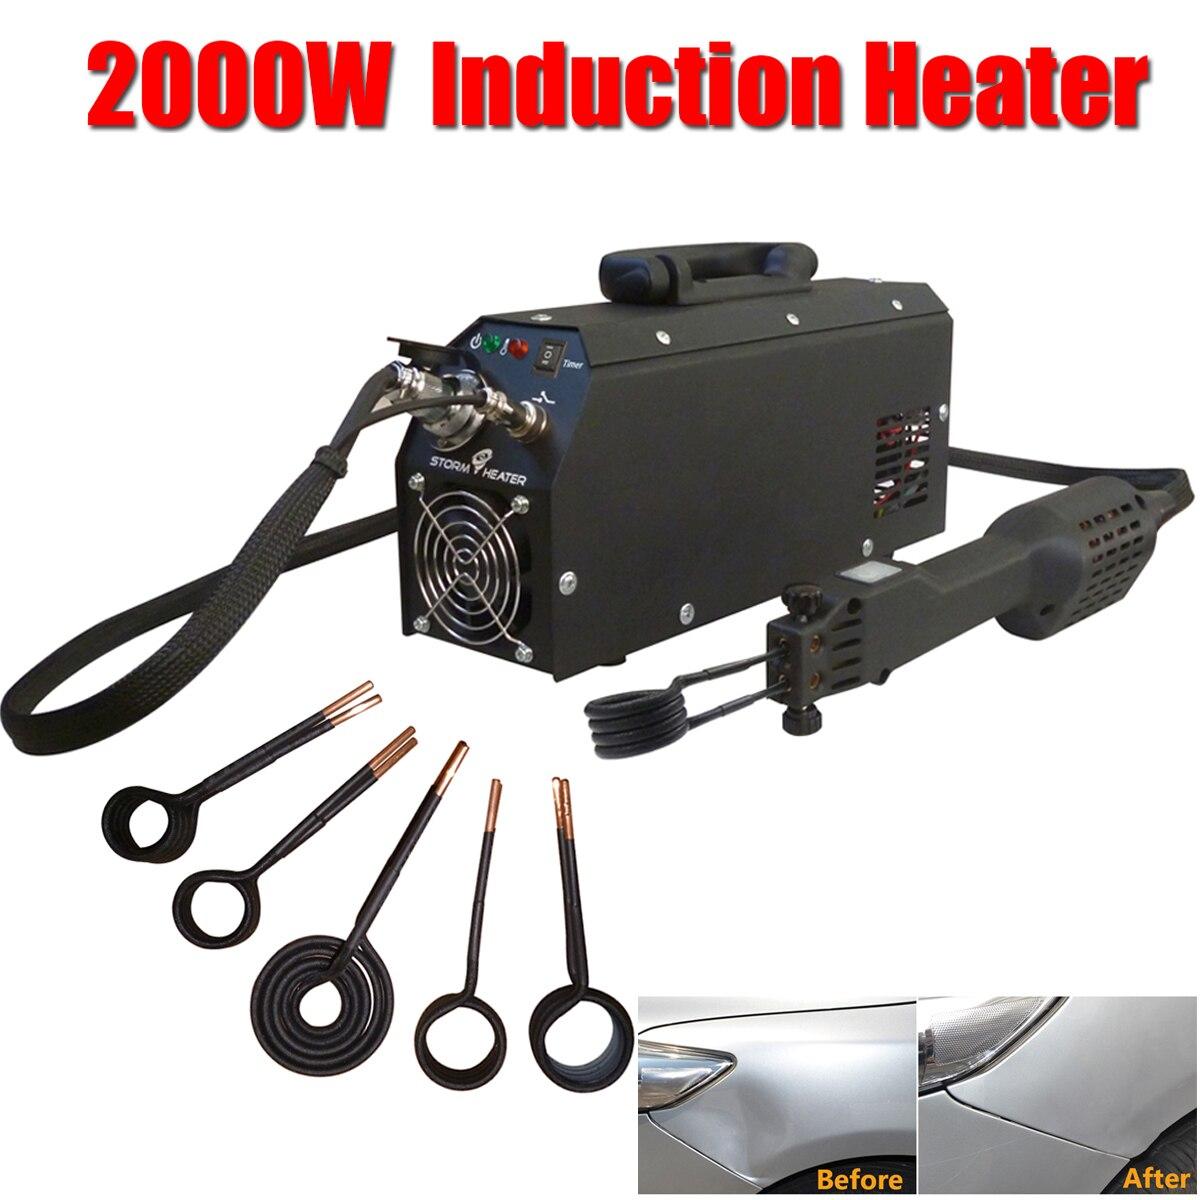 2000 W coche de eliminación de abolladuras del coche herramienta calentador de inducción máquinas de reparación herramienta Paintless quitar herramienta de reparación de automóviles Coche reparación del cuerpo